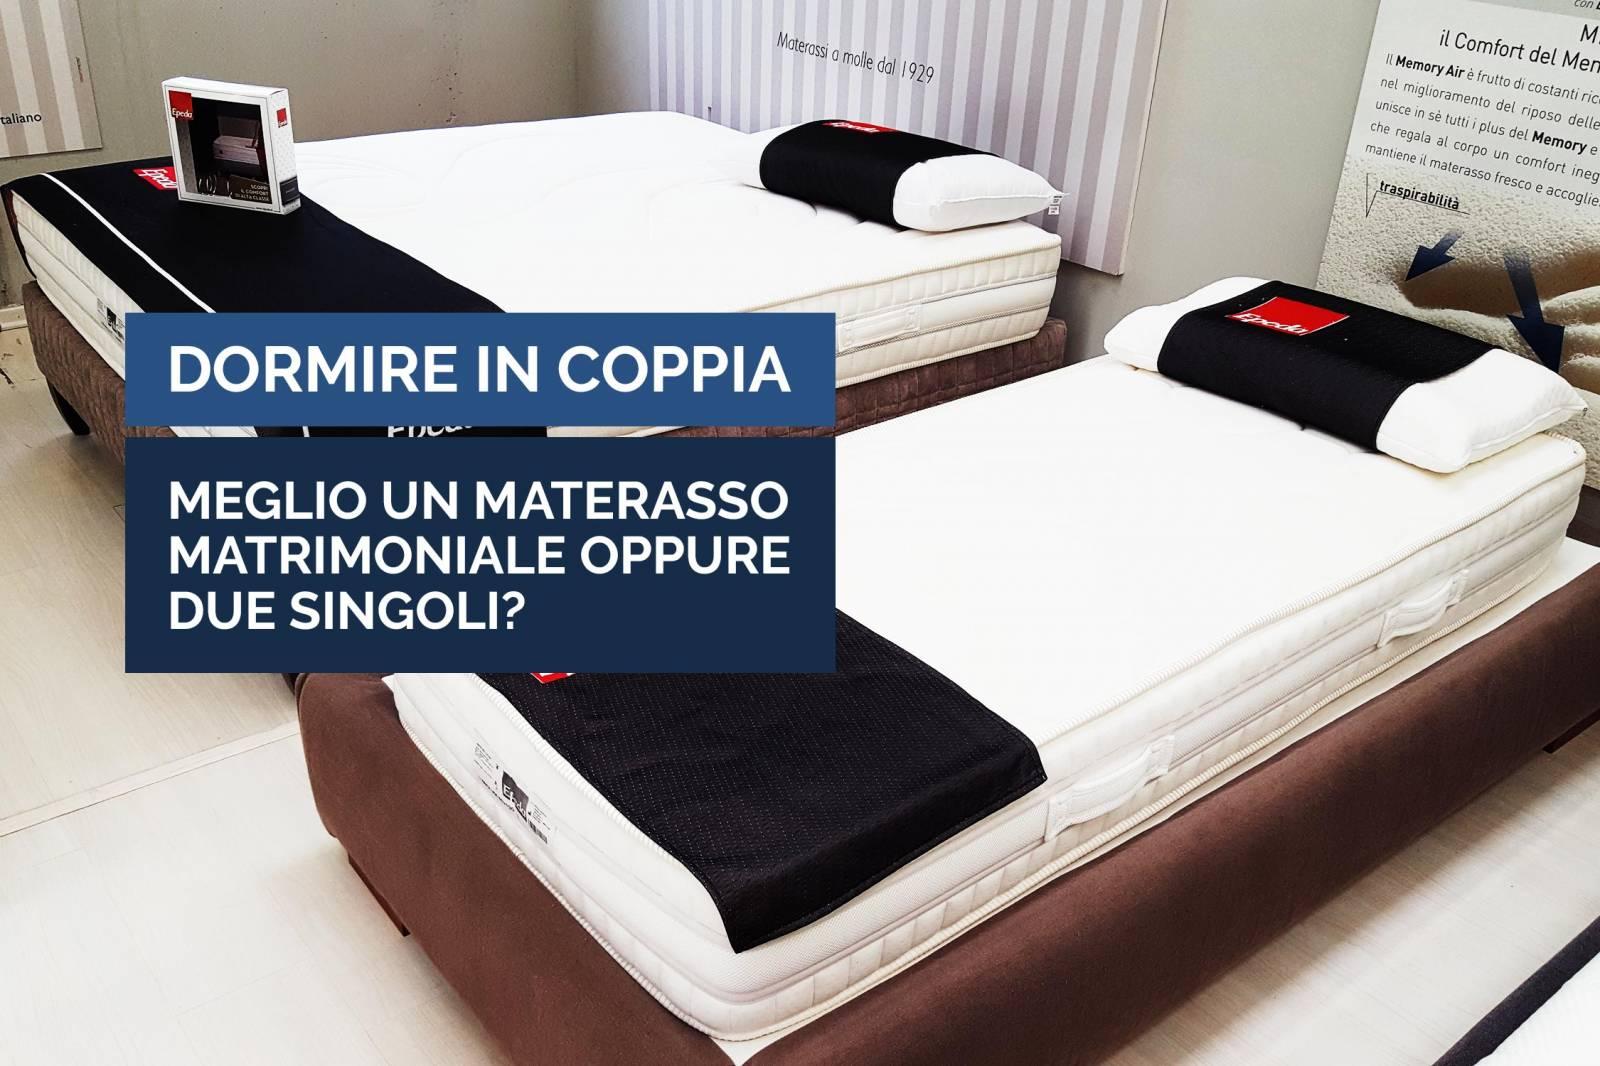 Il Miglior Materasso Per Dormire.Dormire In Coppia Meglio Un Materasso Matrimoniale O Due Singoli